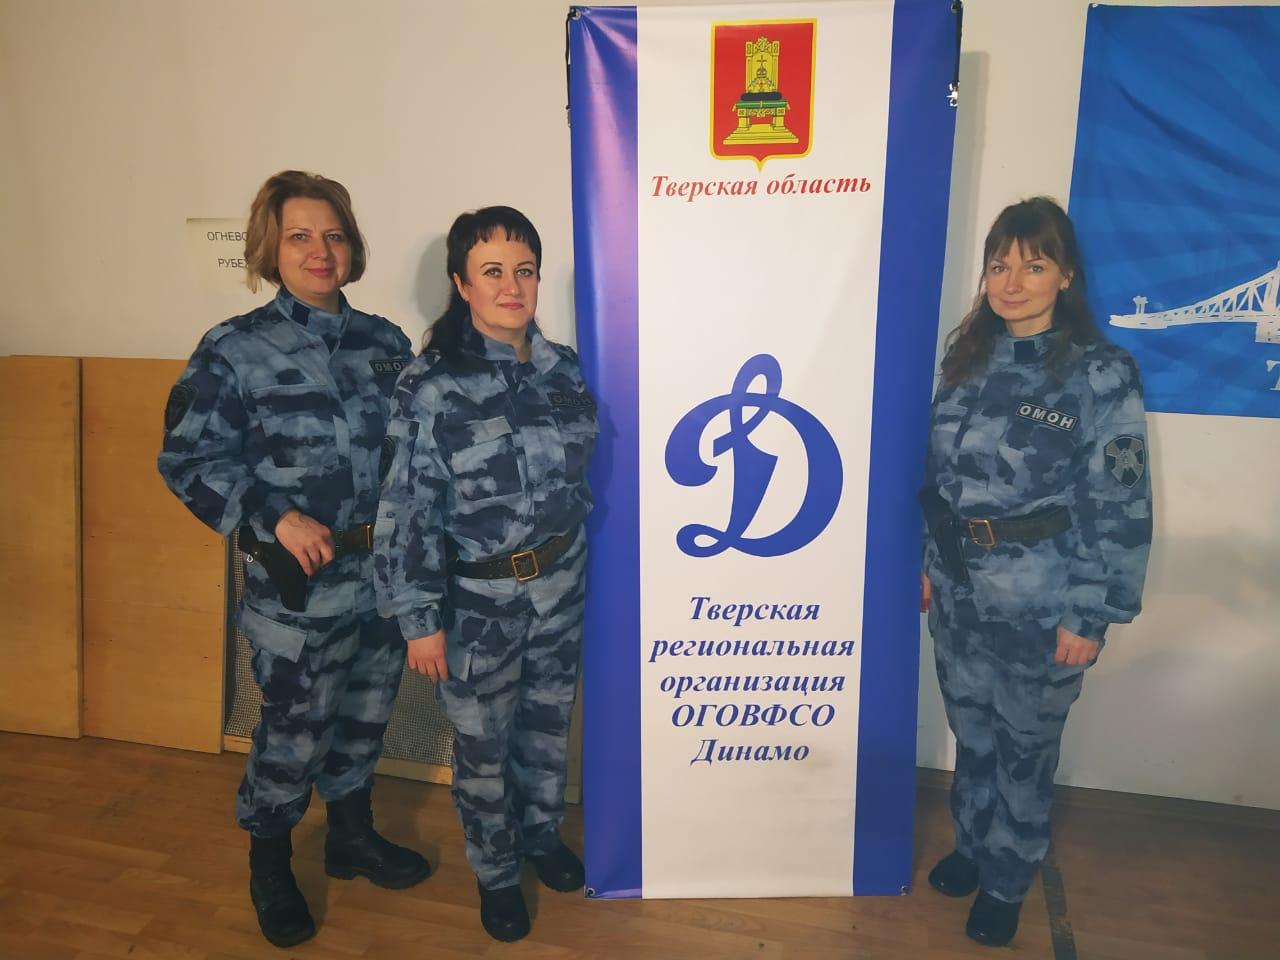 Тверские женщины в погонах накануне 8 марта сразились в меткости